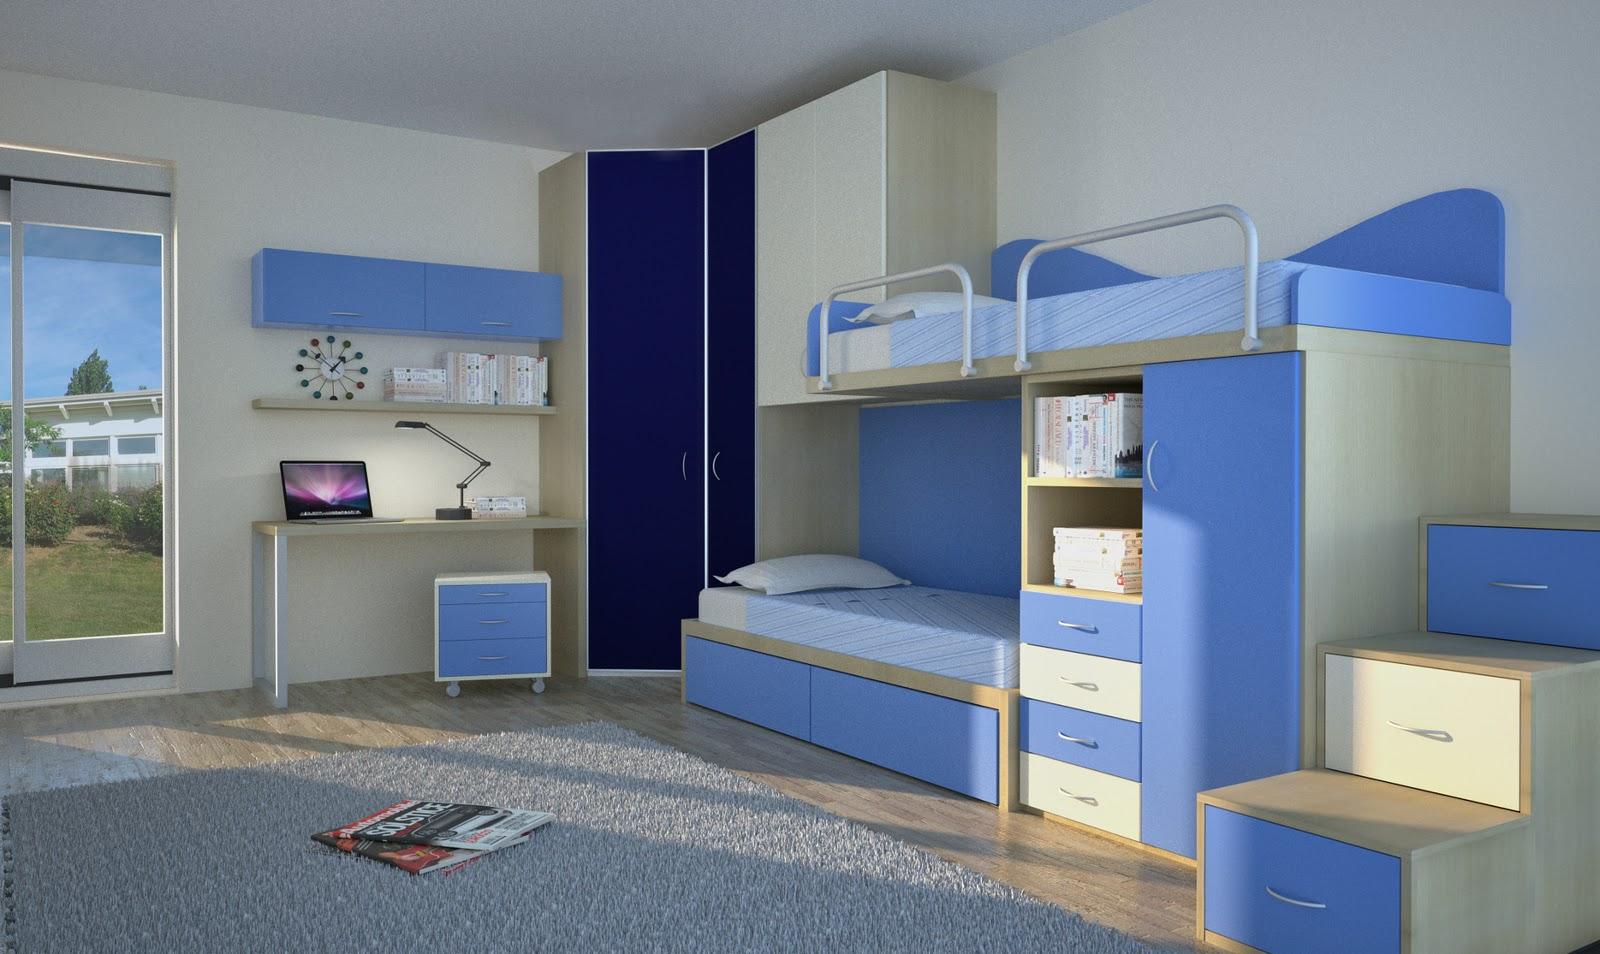 Ikea camera ispirazioni letto da - Ikea letti ragazzi ...